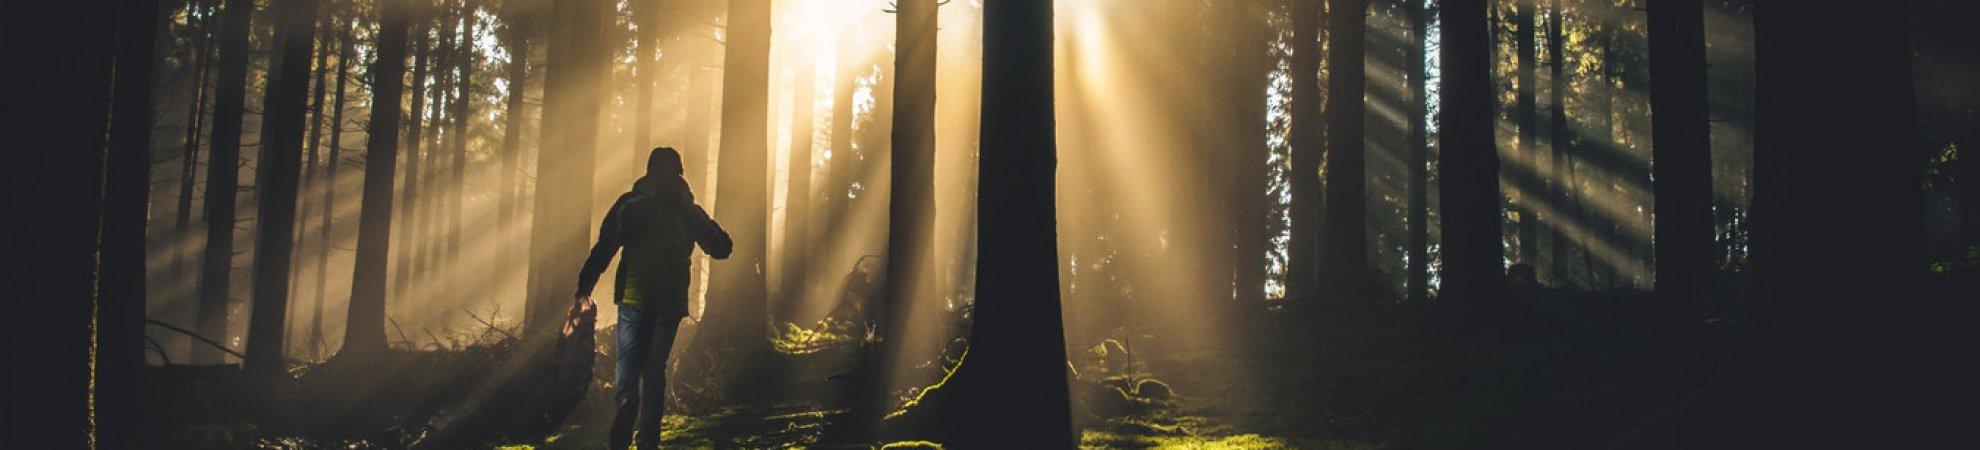 forest walks Ireland